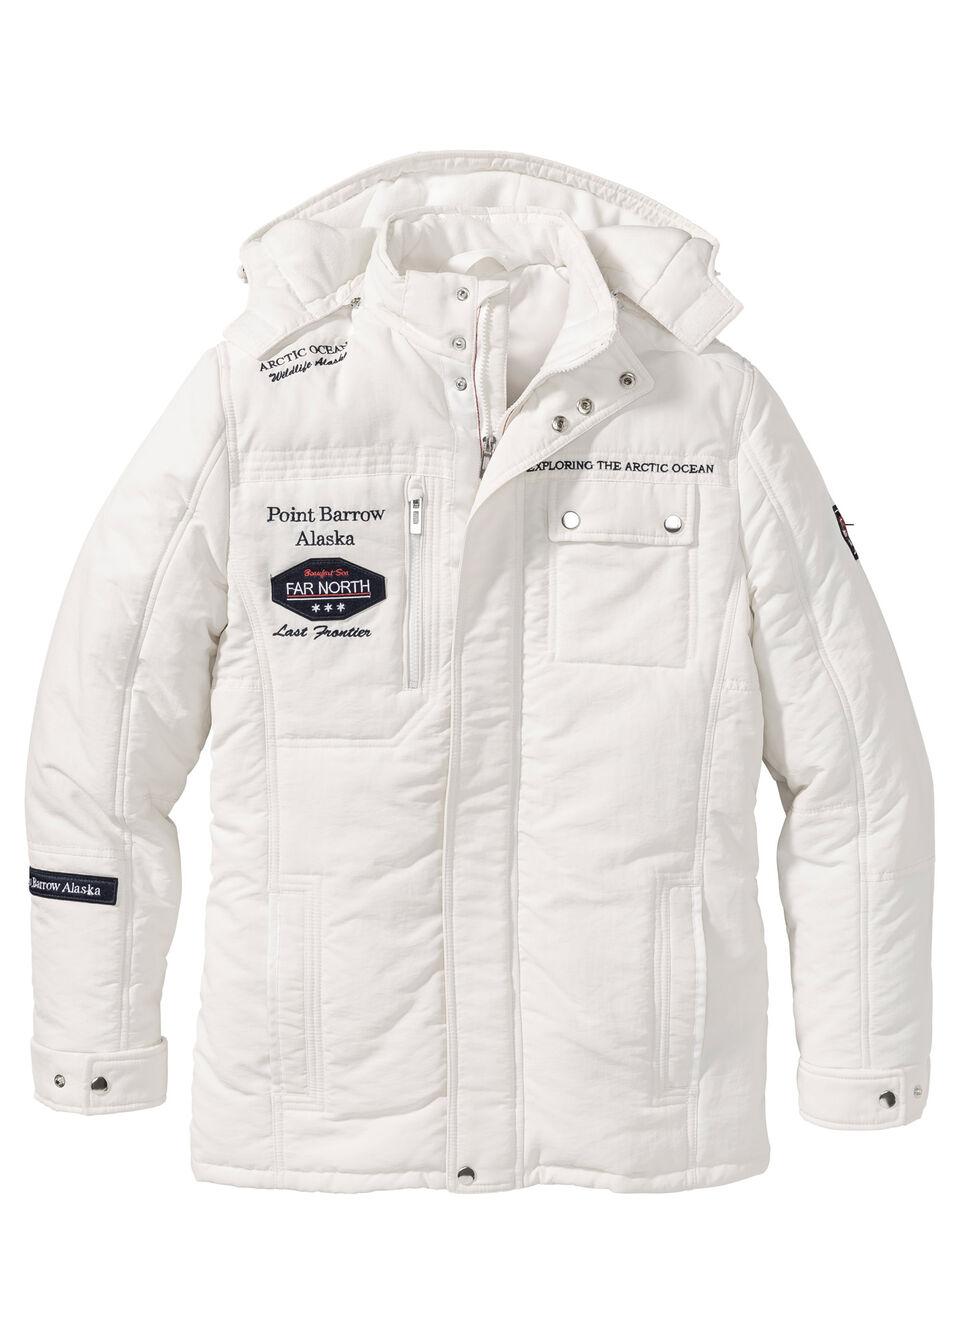 Купить Куртки и плащи, Зимняя куртка, bonprix, цвет белой шерсти